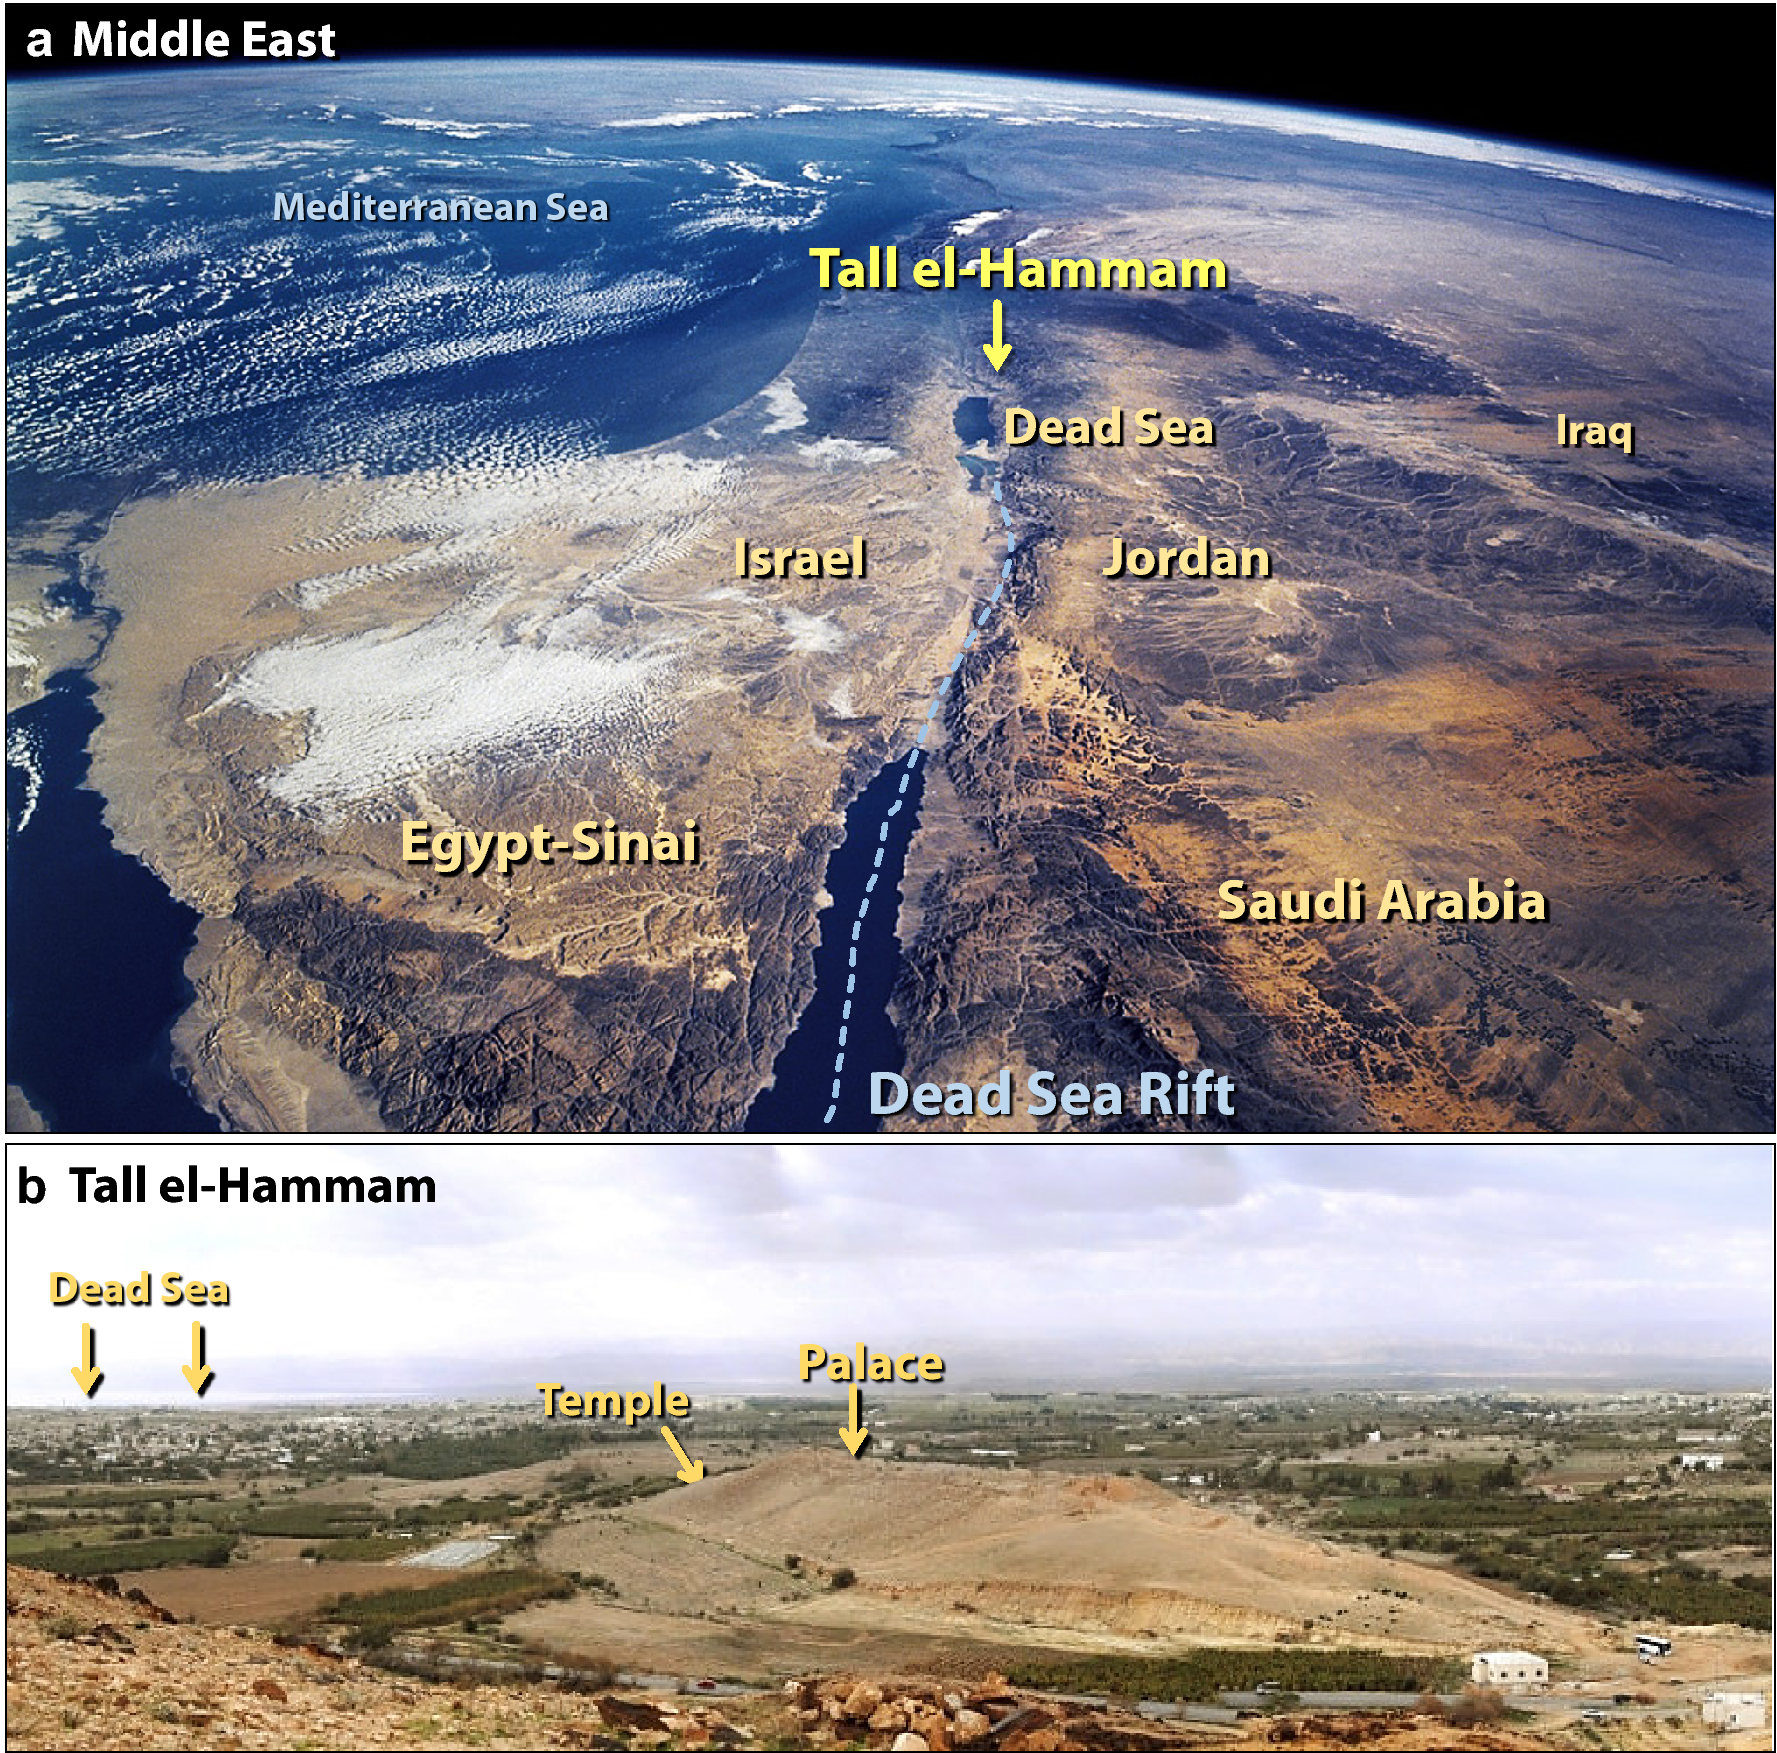 Location of Tall el-Hammam.